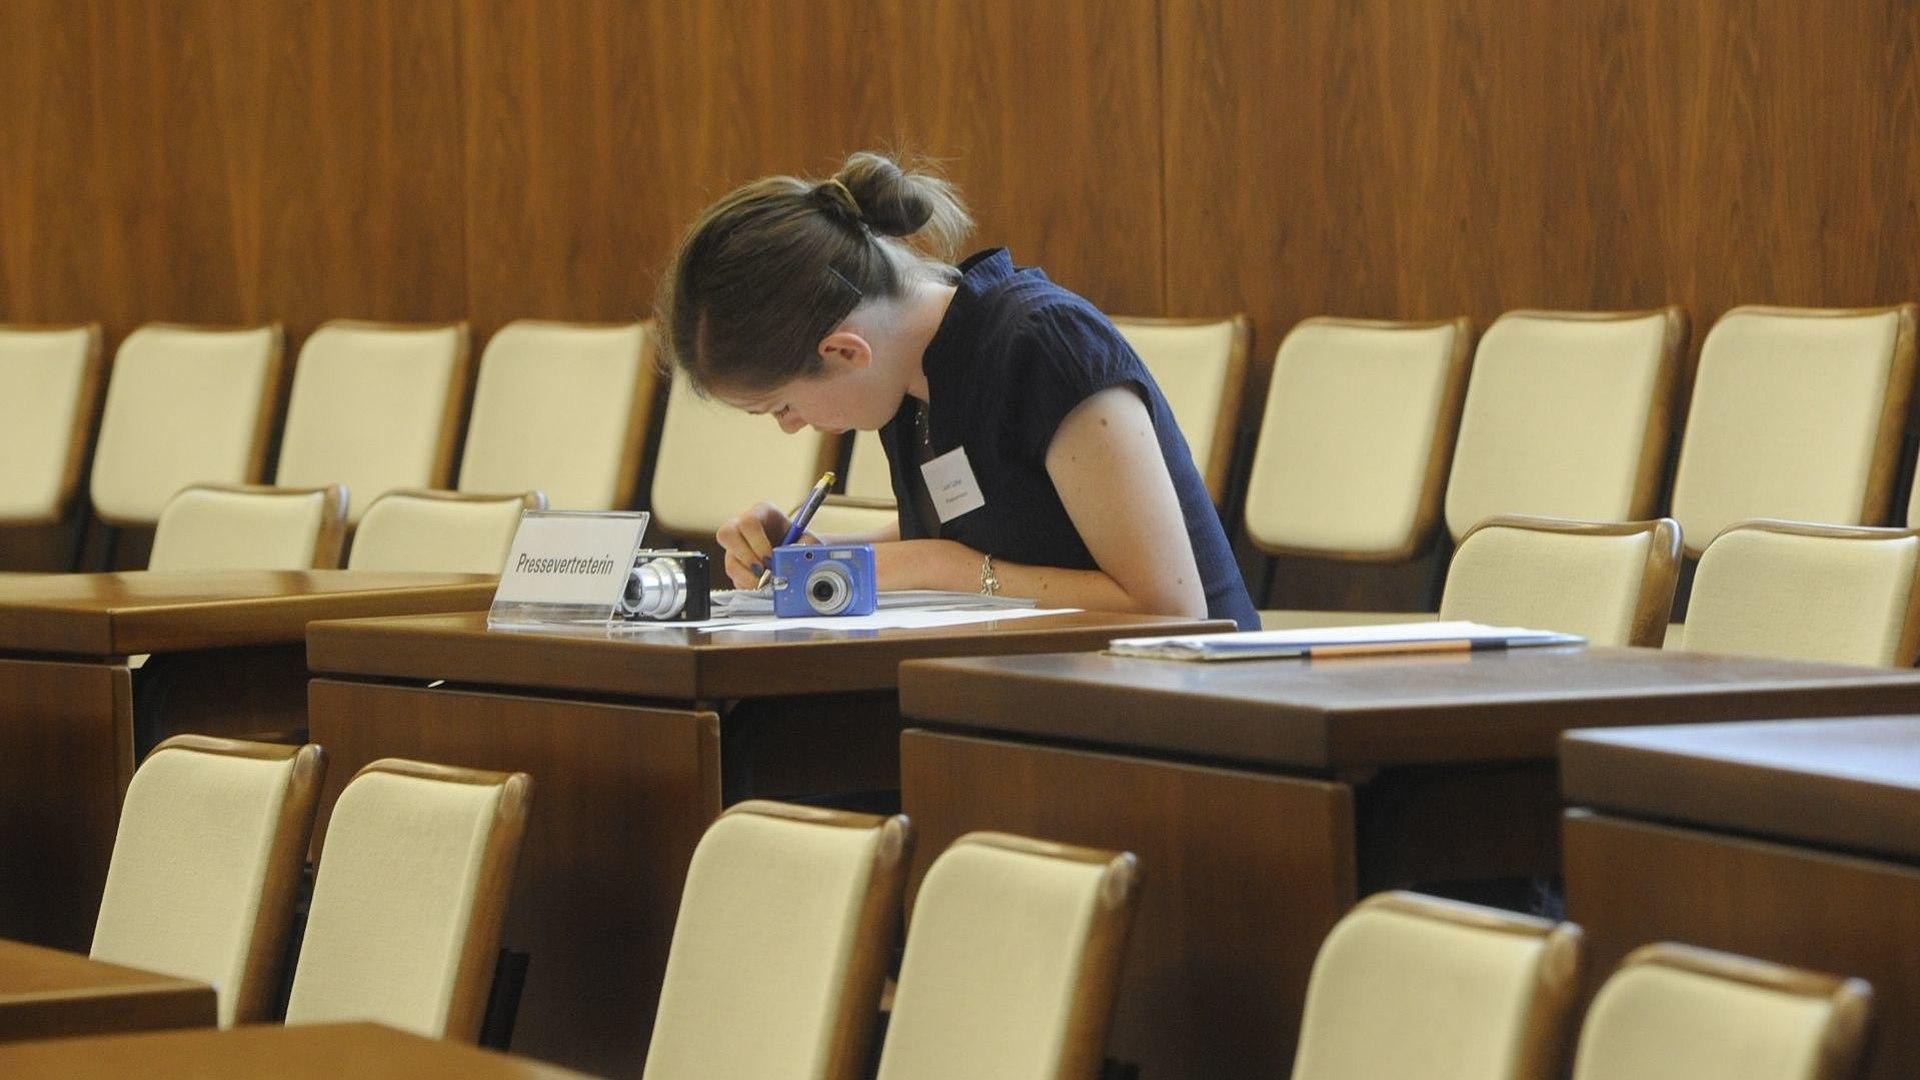 Eine Besucherin sitzt an einem Tisch im ehemaligen Bundesrat Bonn